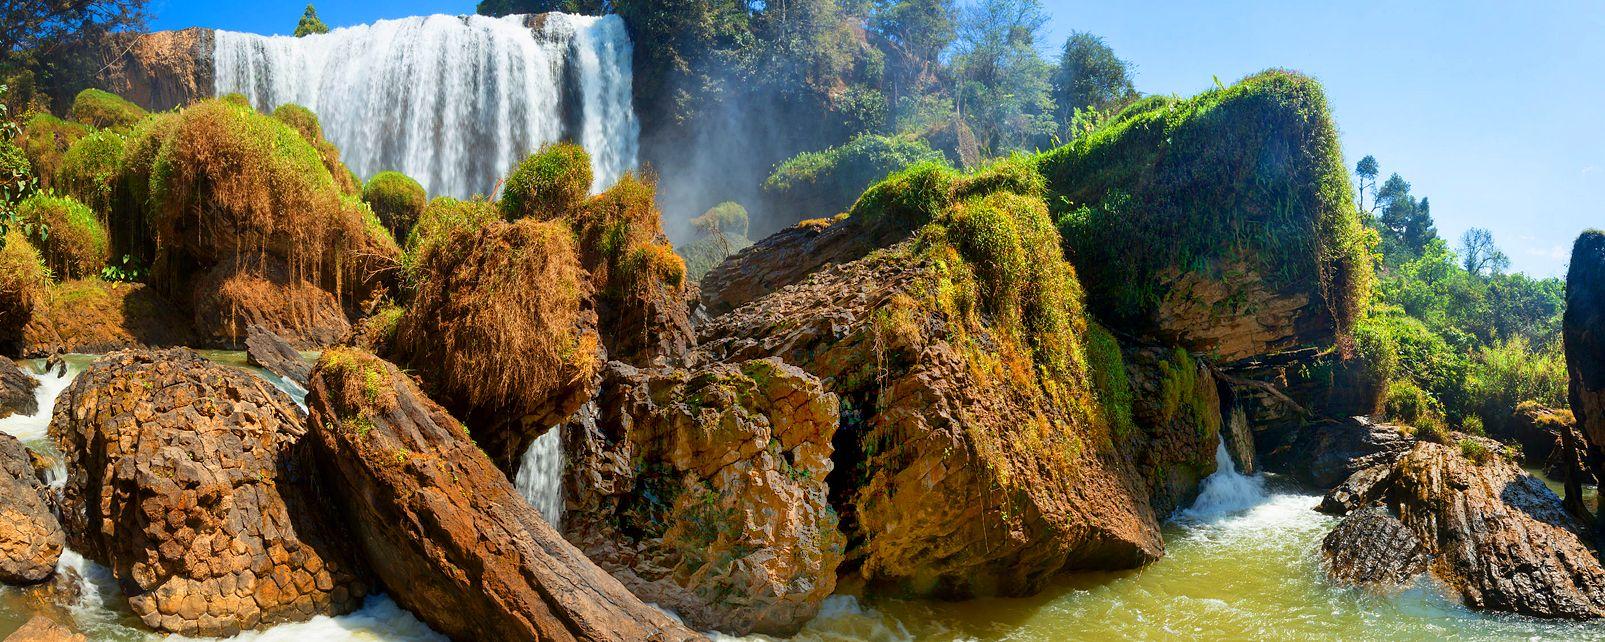 Les chutes de Dalat , Vietnam